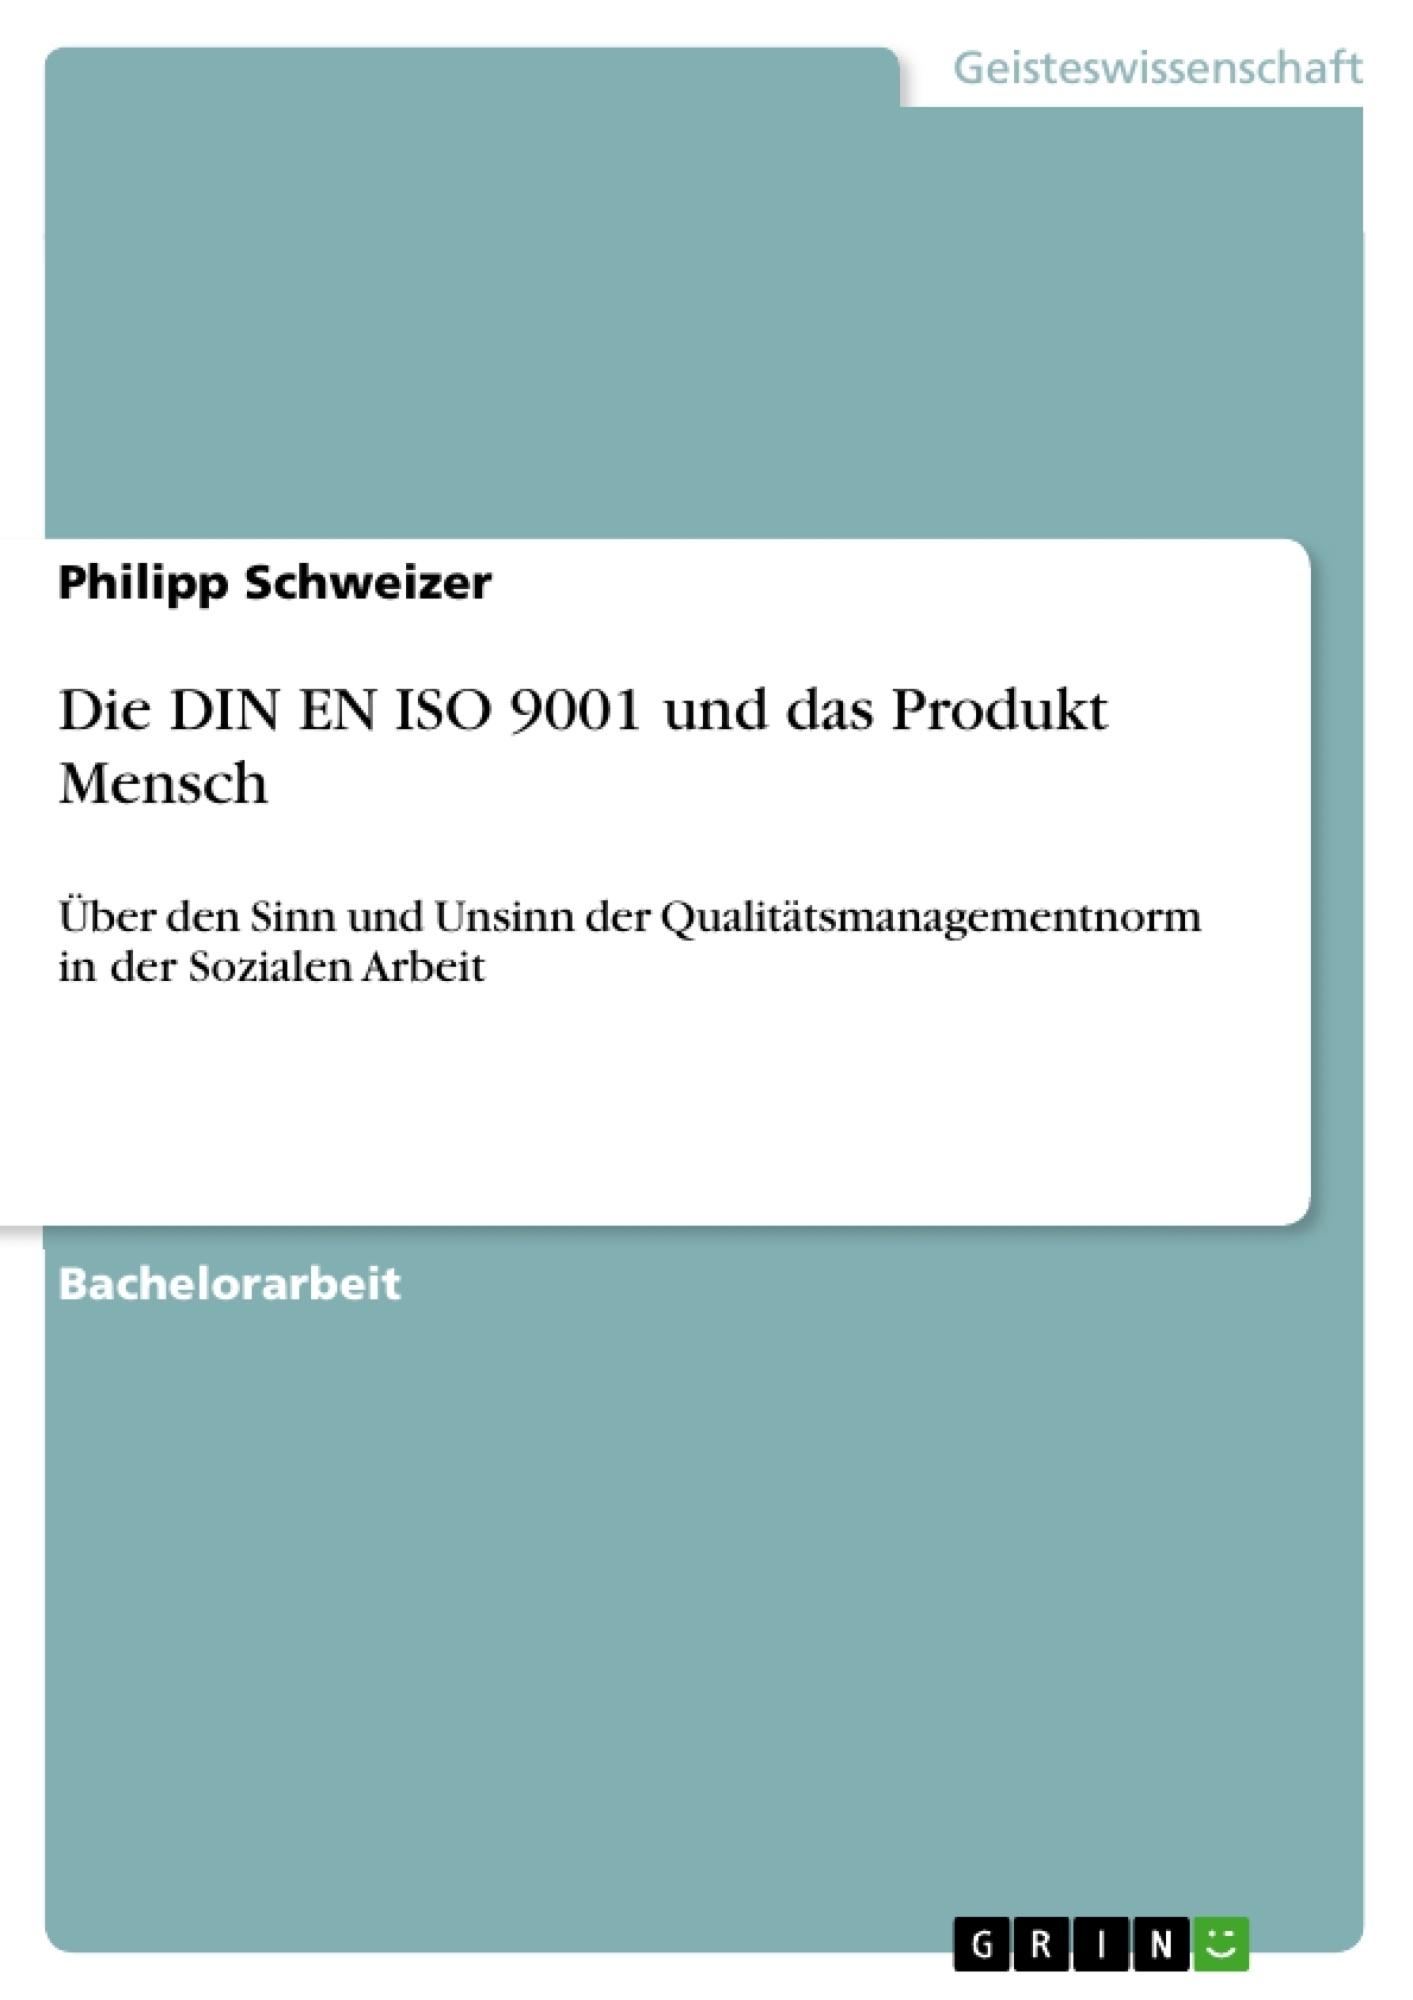 Titel: Die DIN EN ISO 9001 und das Produkt Mensch